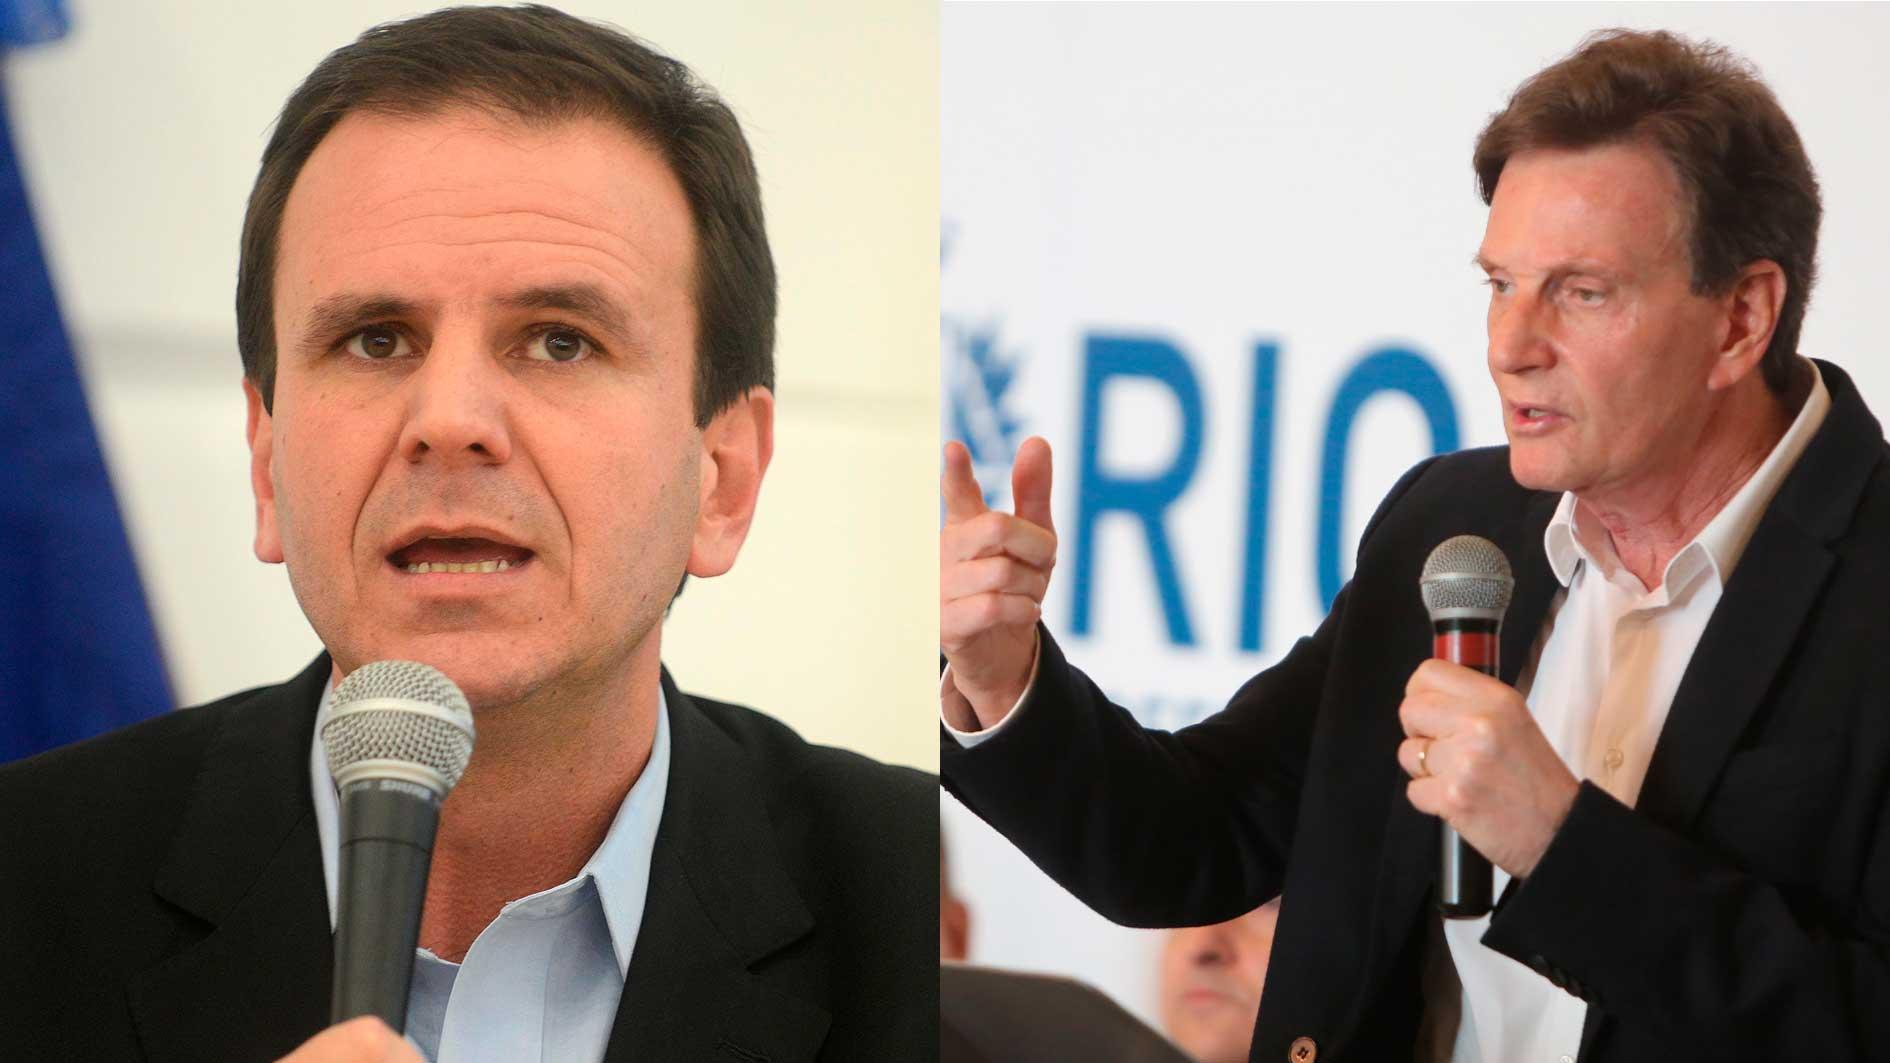 16051 5D107181337ADD82 - Datafolha no Rio: Paes tem 34%, Crivella 14%, e Martha 11%